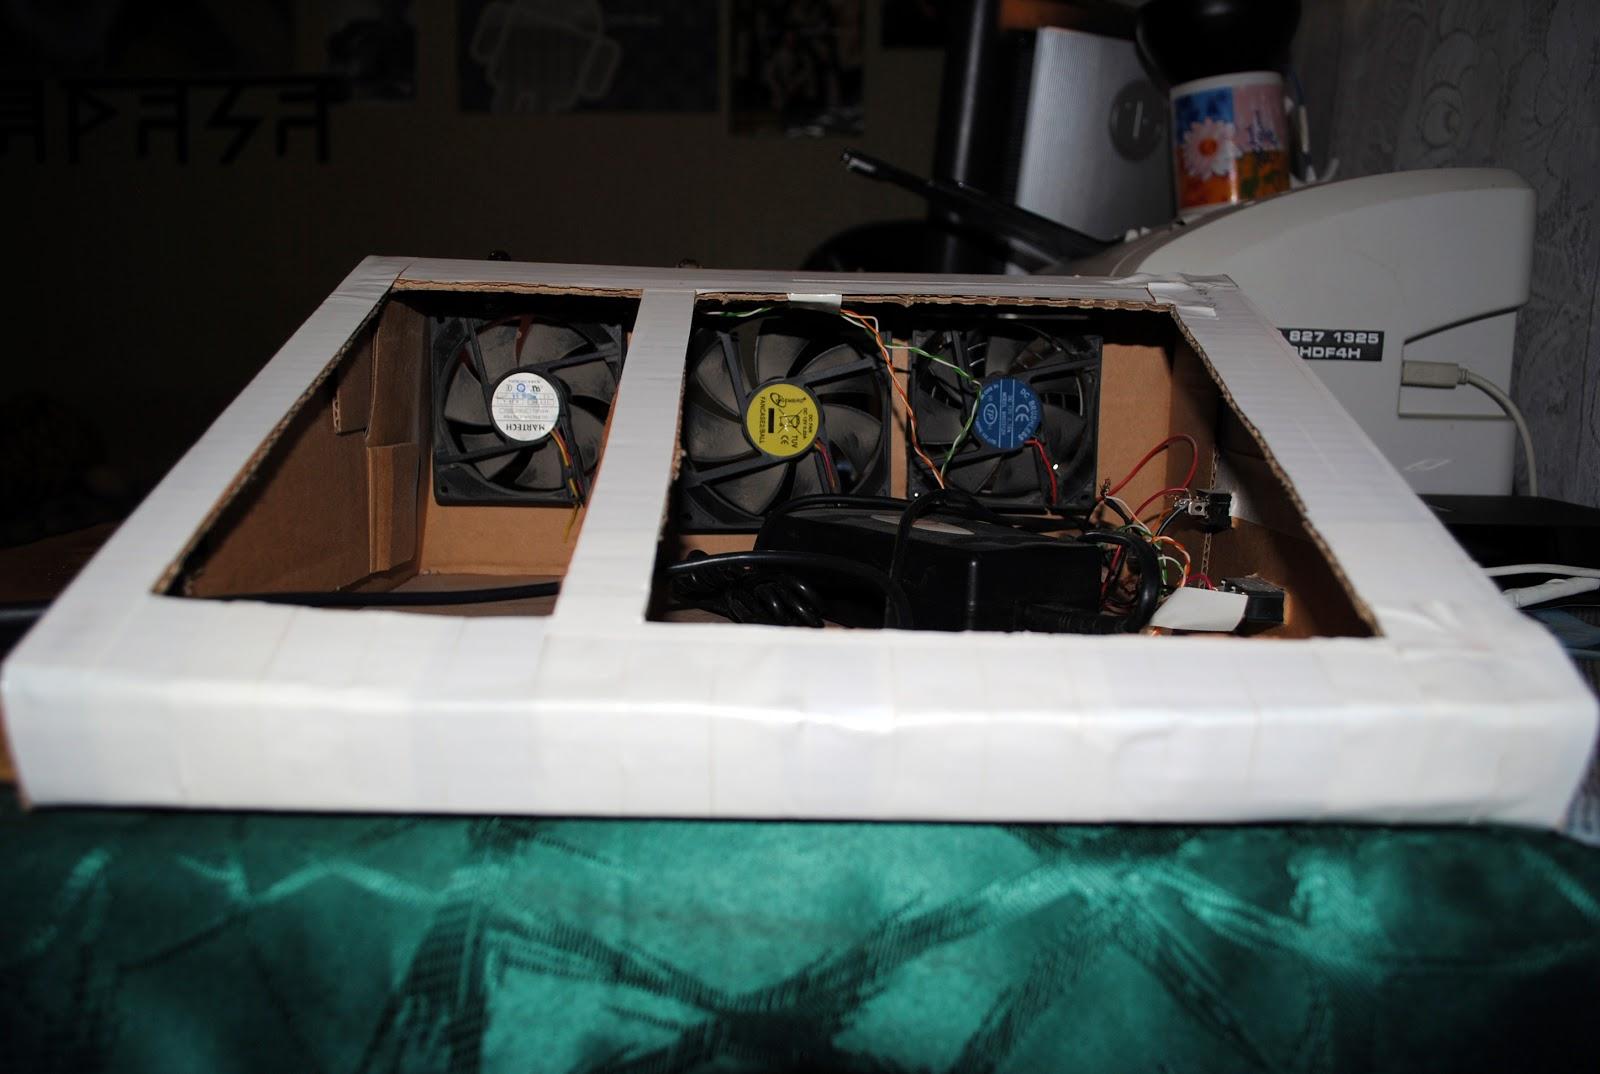 Самодельная охлаждающая подставка под ноутбук. Как сделать 100